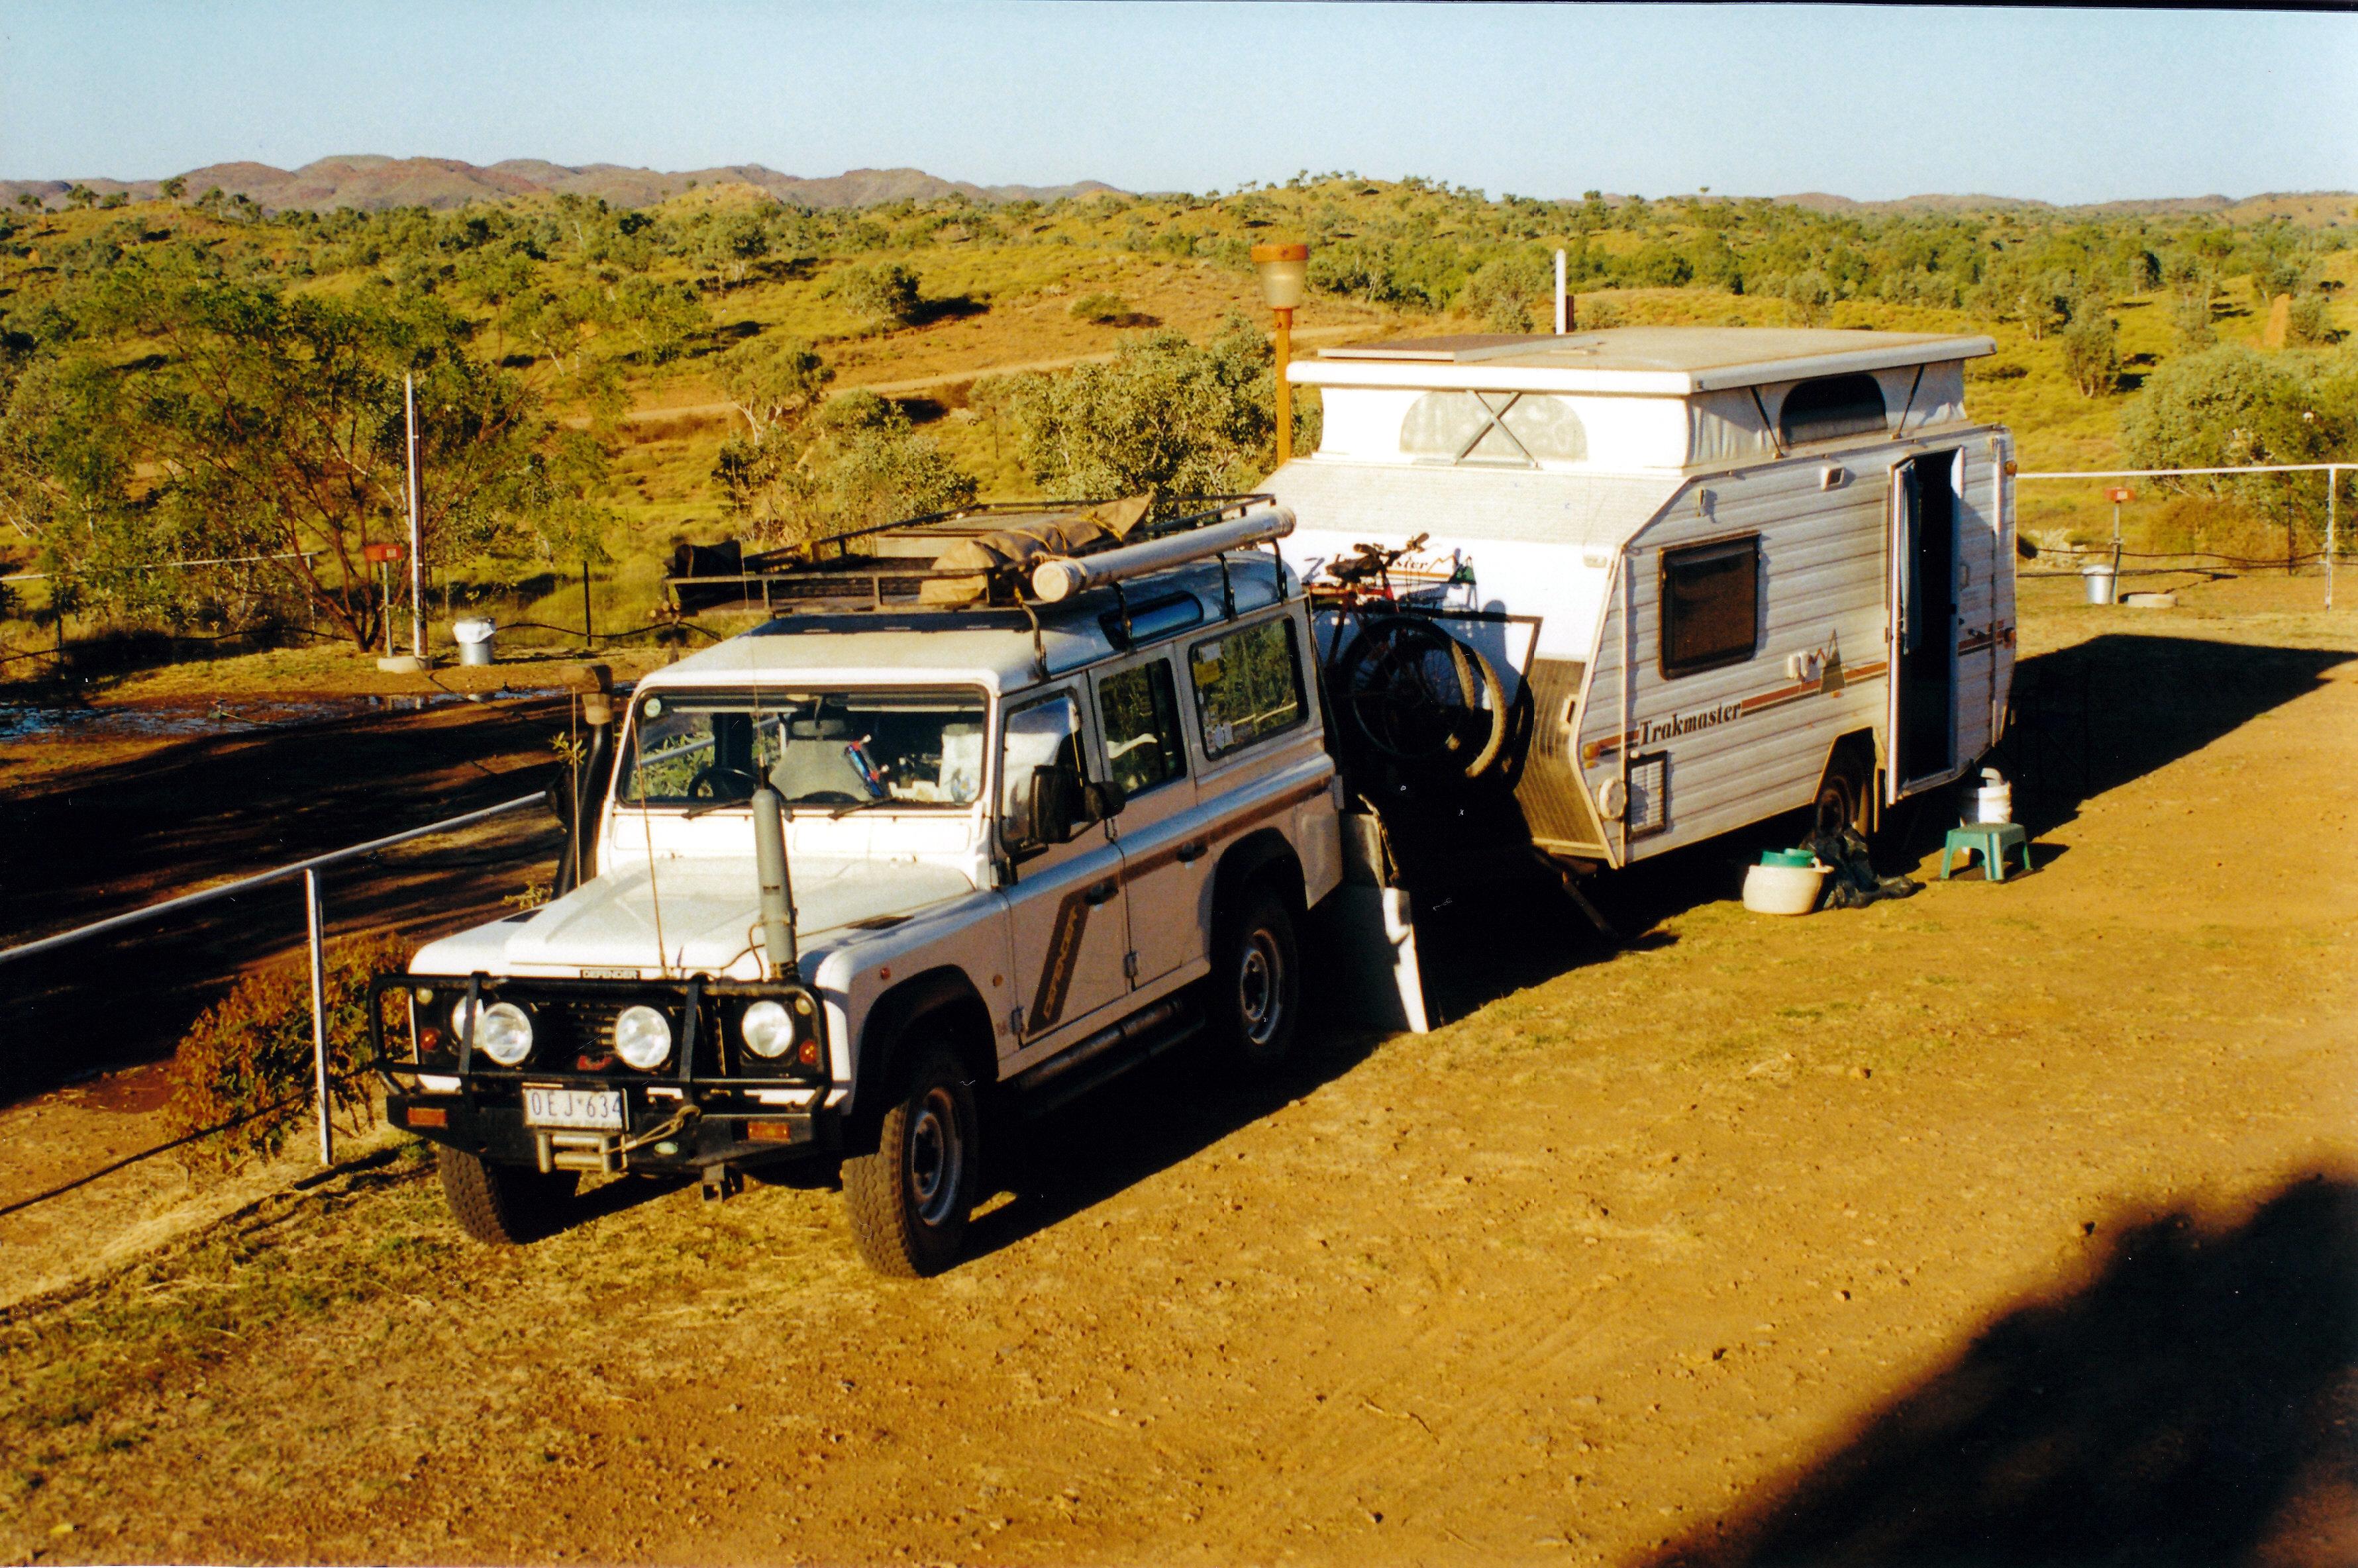 08-16-2000 04 camp old halls ck